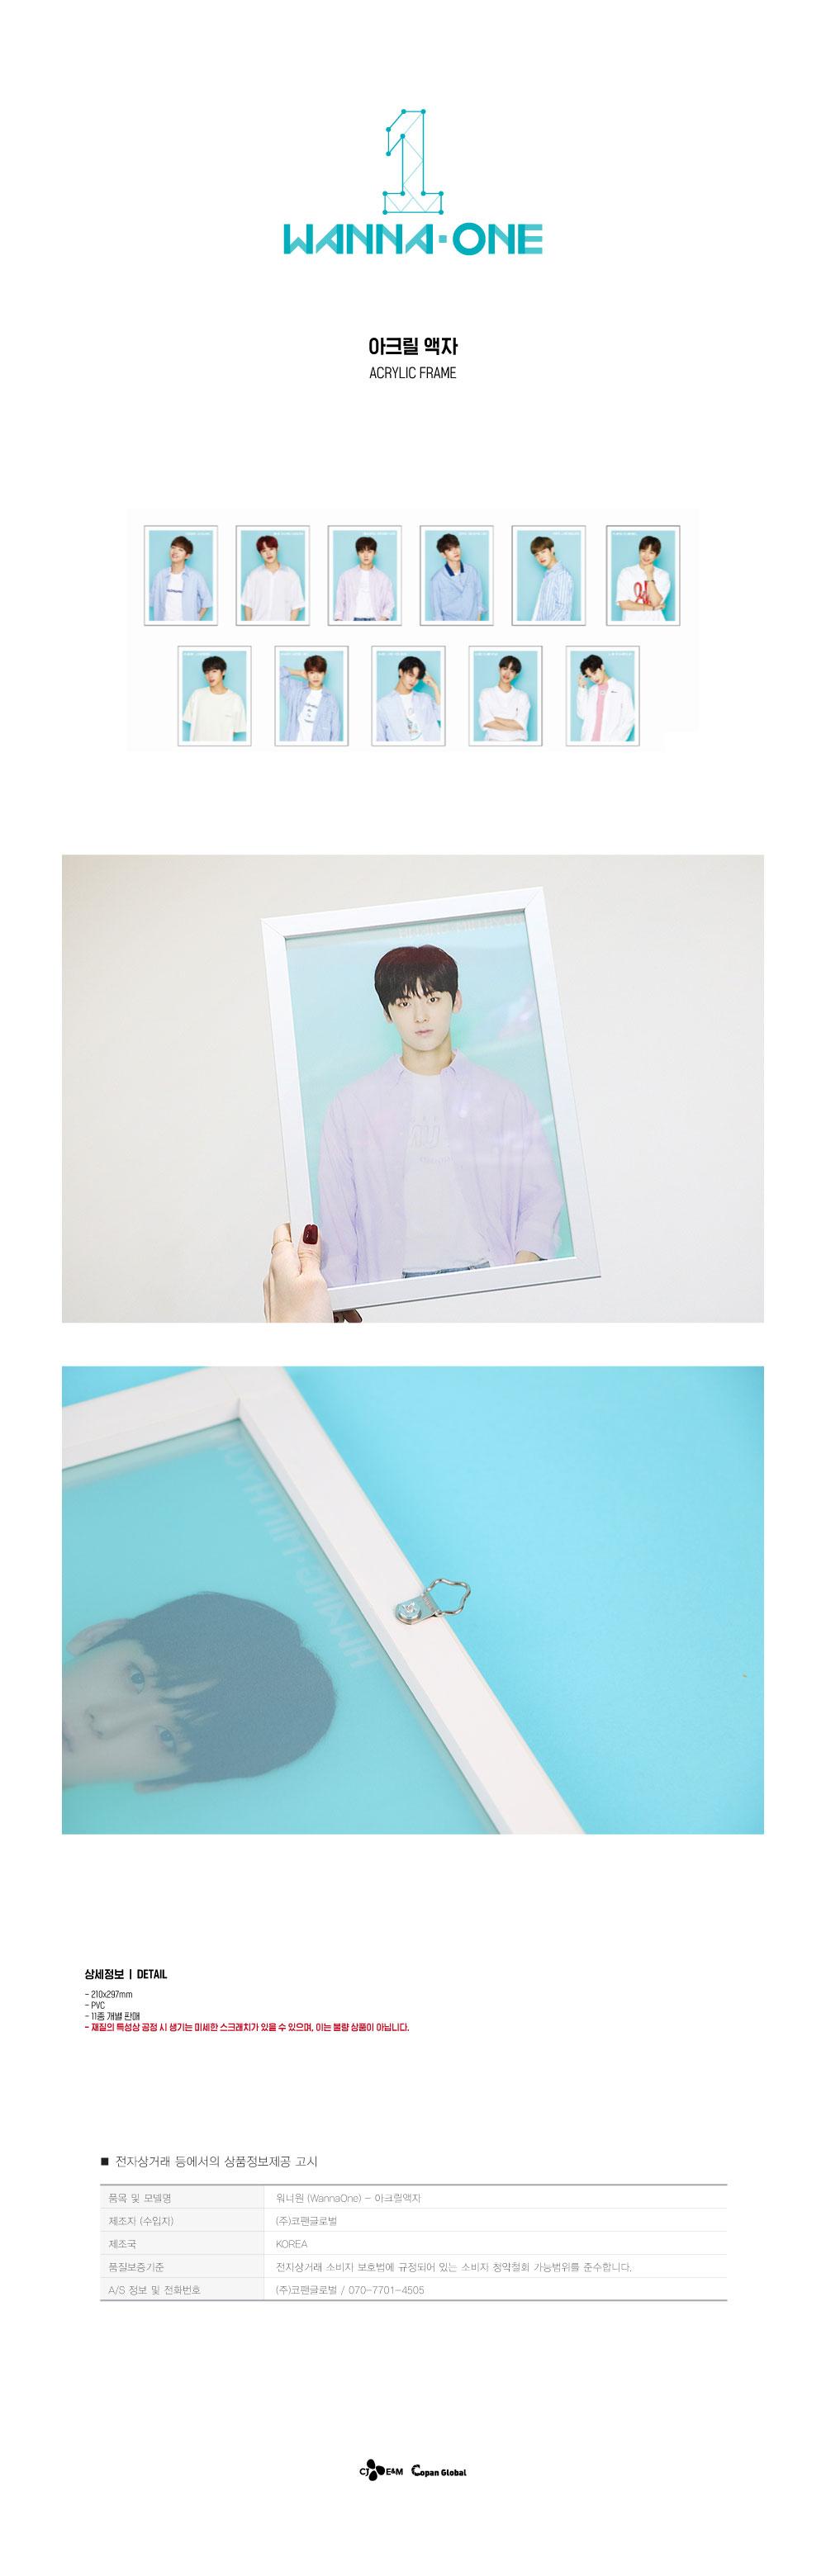 wanna_popup_acrylic_frame.jpg